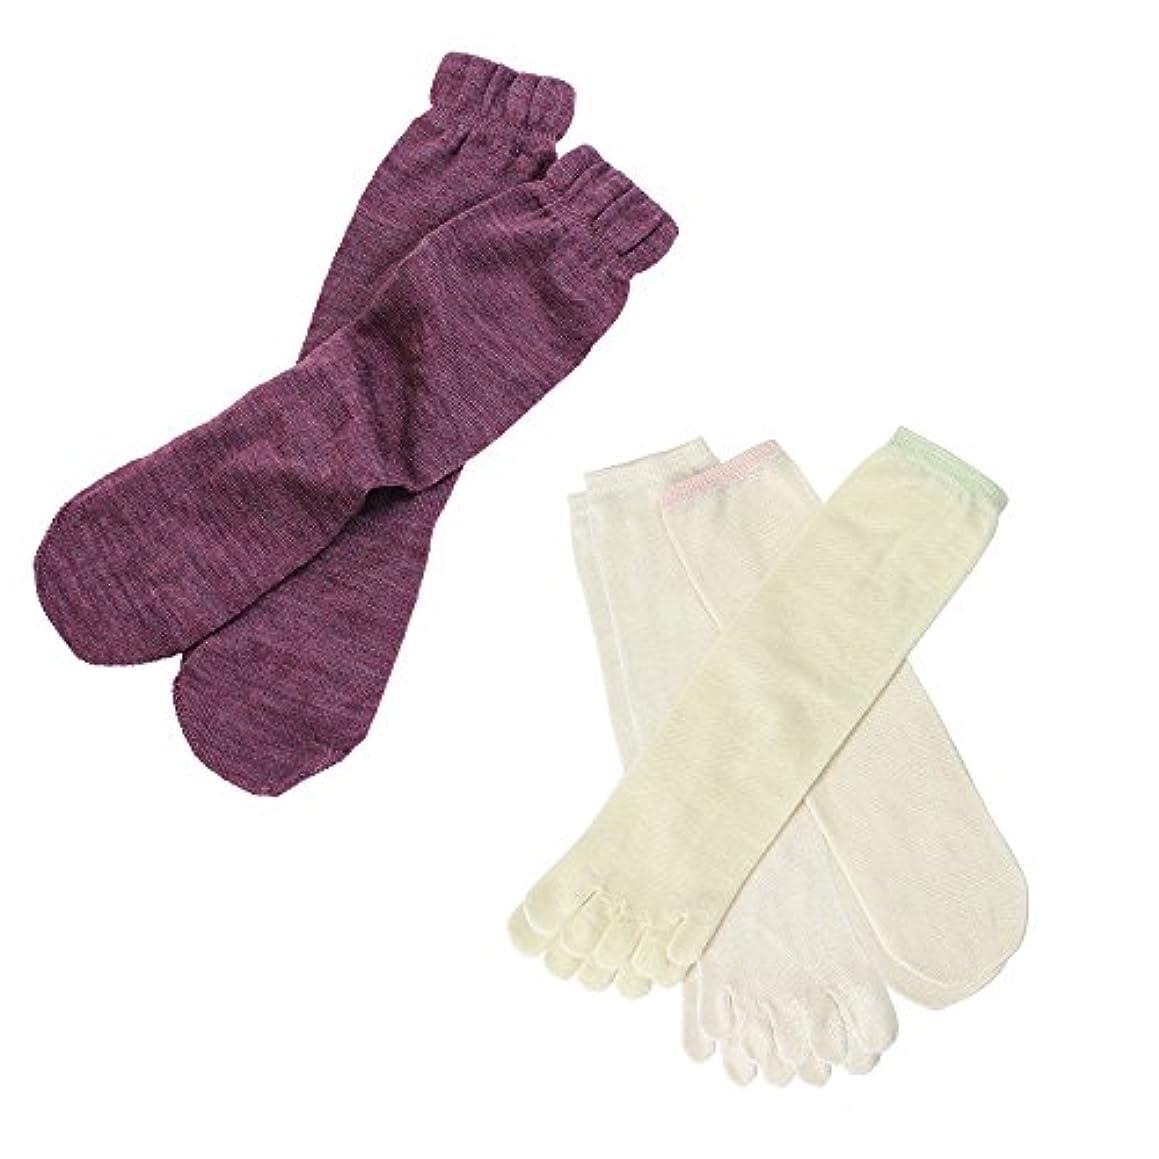 閉じる壁紙中傷hiorie(ヒオリエ) 日本製 冷えとり靴下 シルク&ウール 5本指ソックス(重ねばき専用 4足セット) 正絹